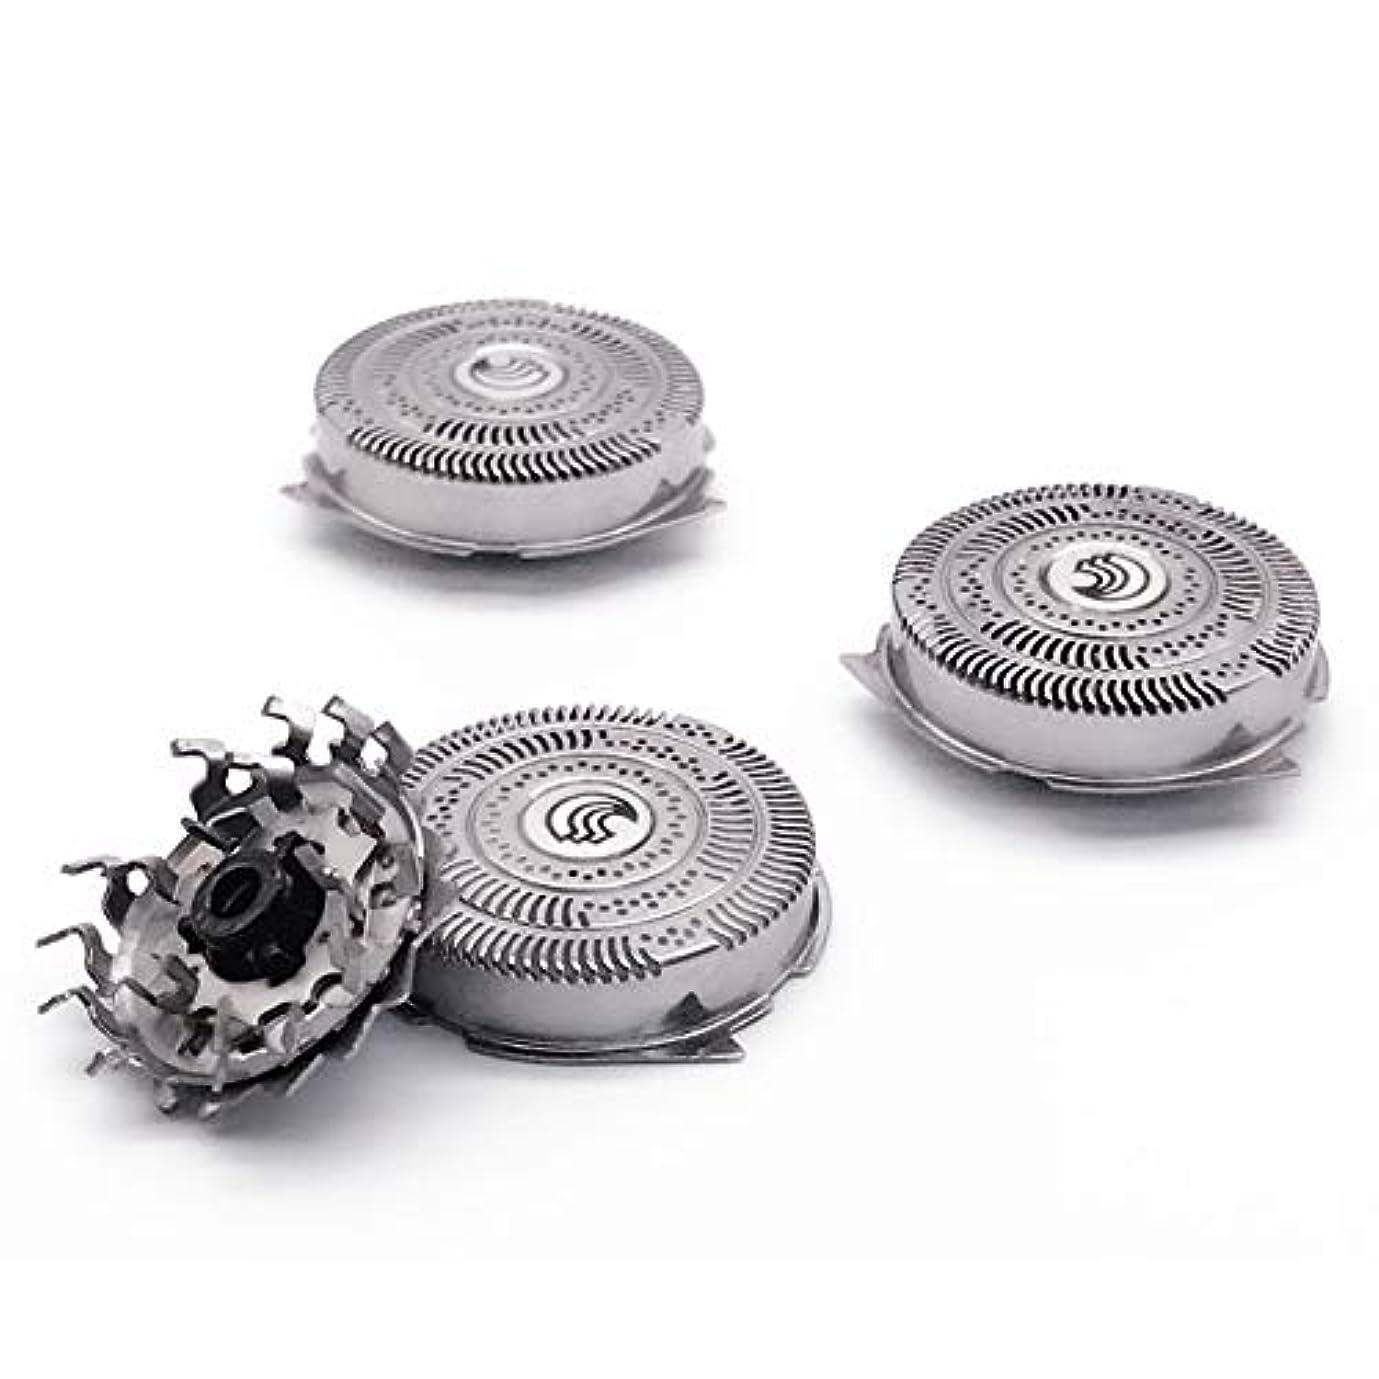 全部明らか力学シェーバーカミソリヘッド交換 替え刃 に適用するPhilips HQ9 DualPrecisionヘッド(3個)